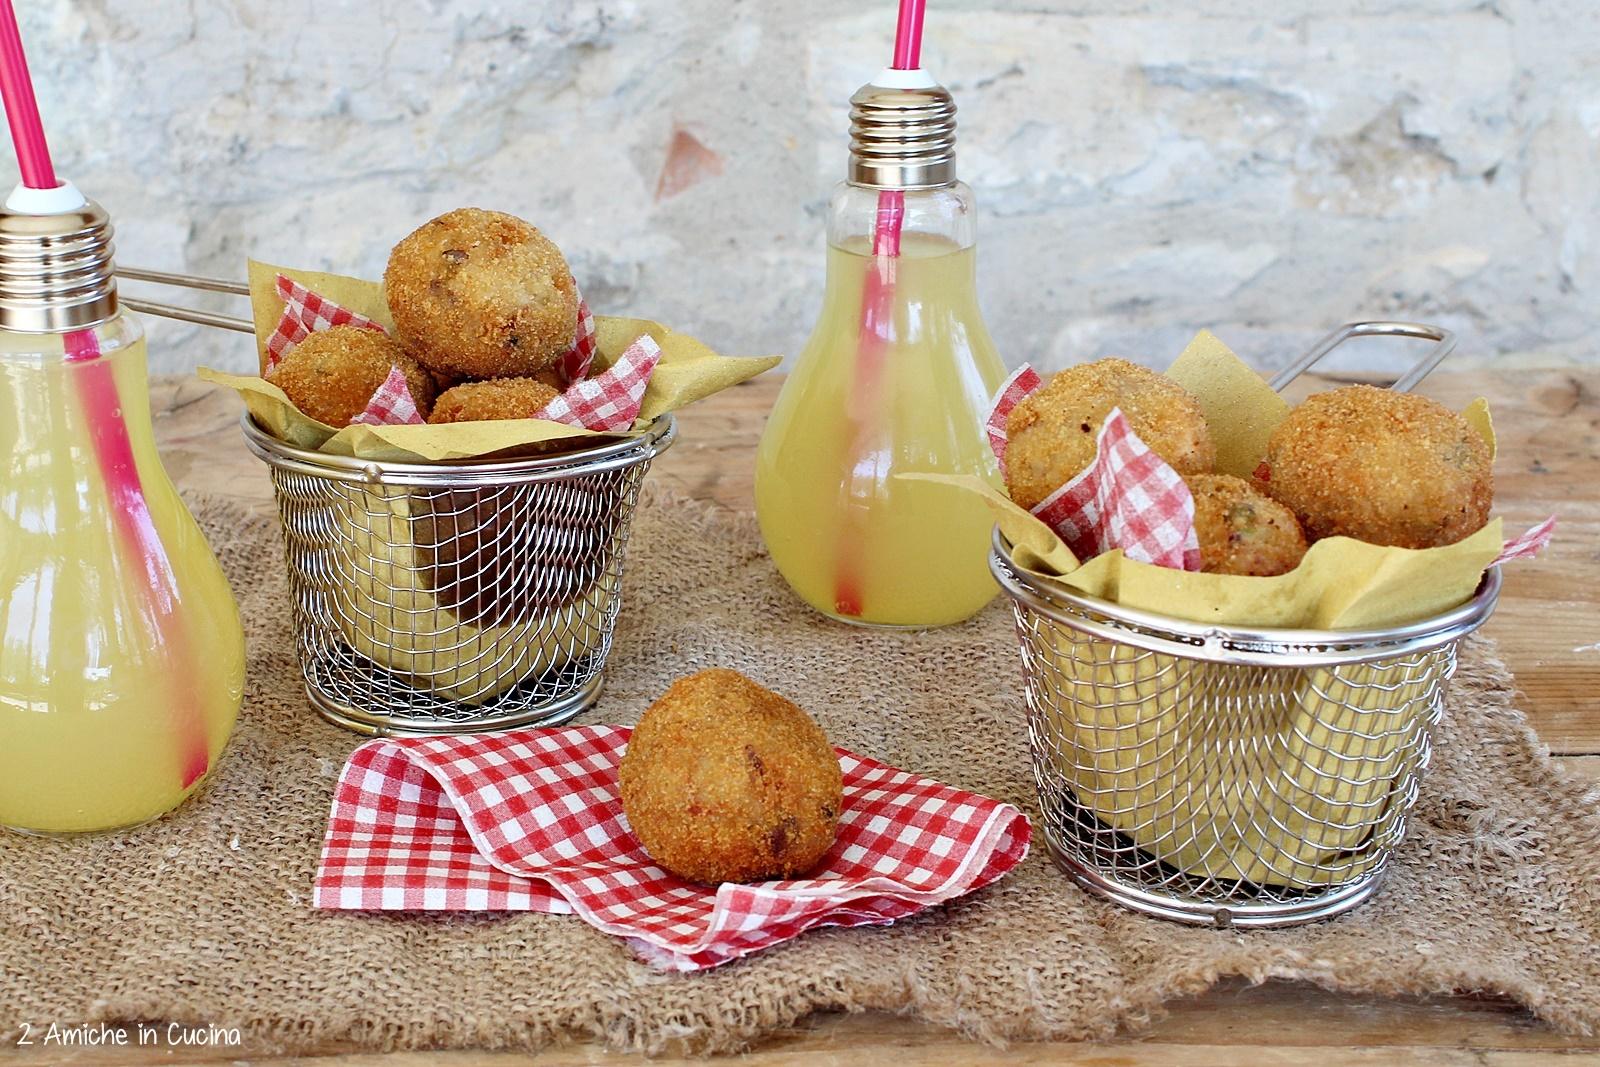 Crocchette di cereali e verdure un finger food goloso for Antipasti cucina romana